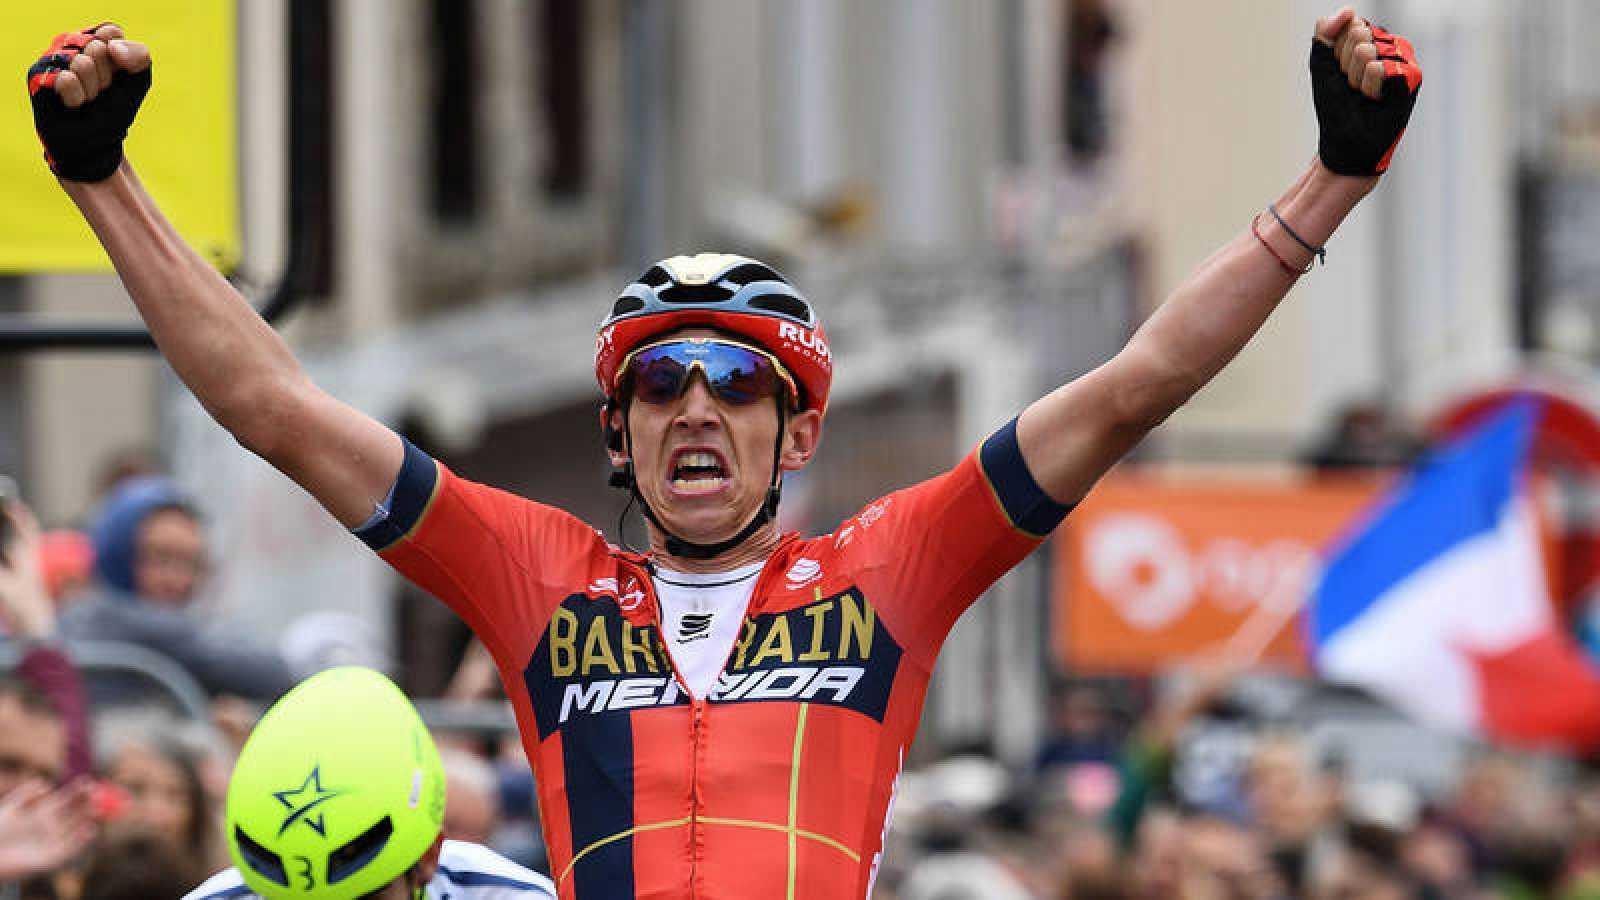 Teuns gana la segunda etapa en la Dauphiné y se viste de amarillo